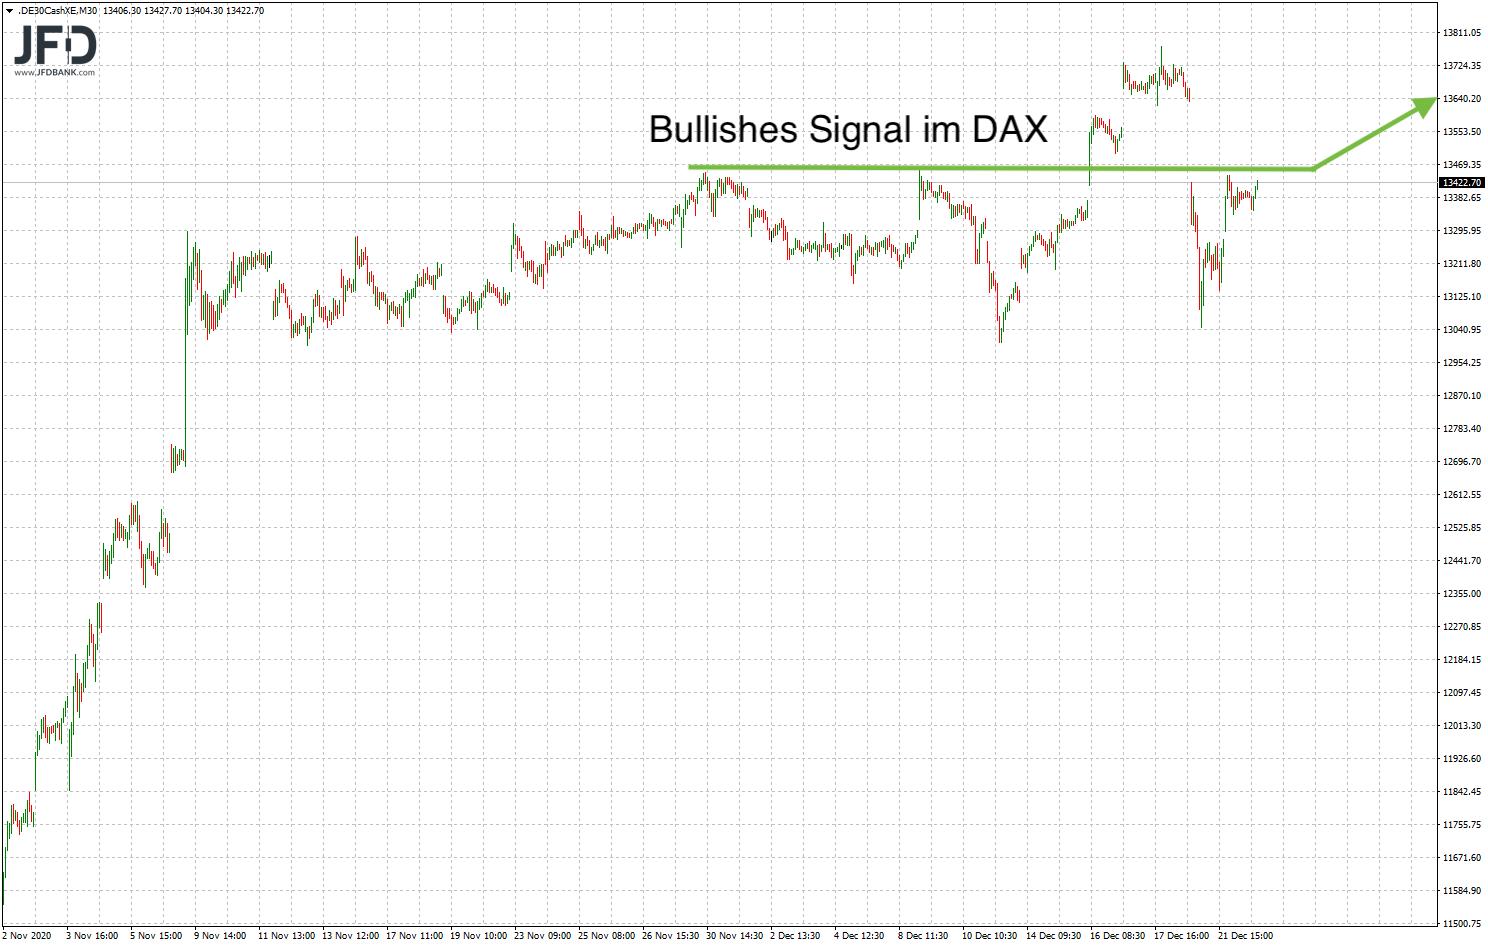 DAX-Signal im mittelfristigen Bild